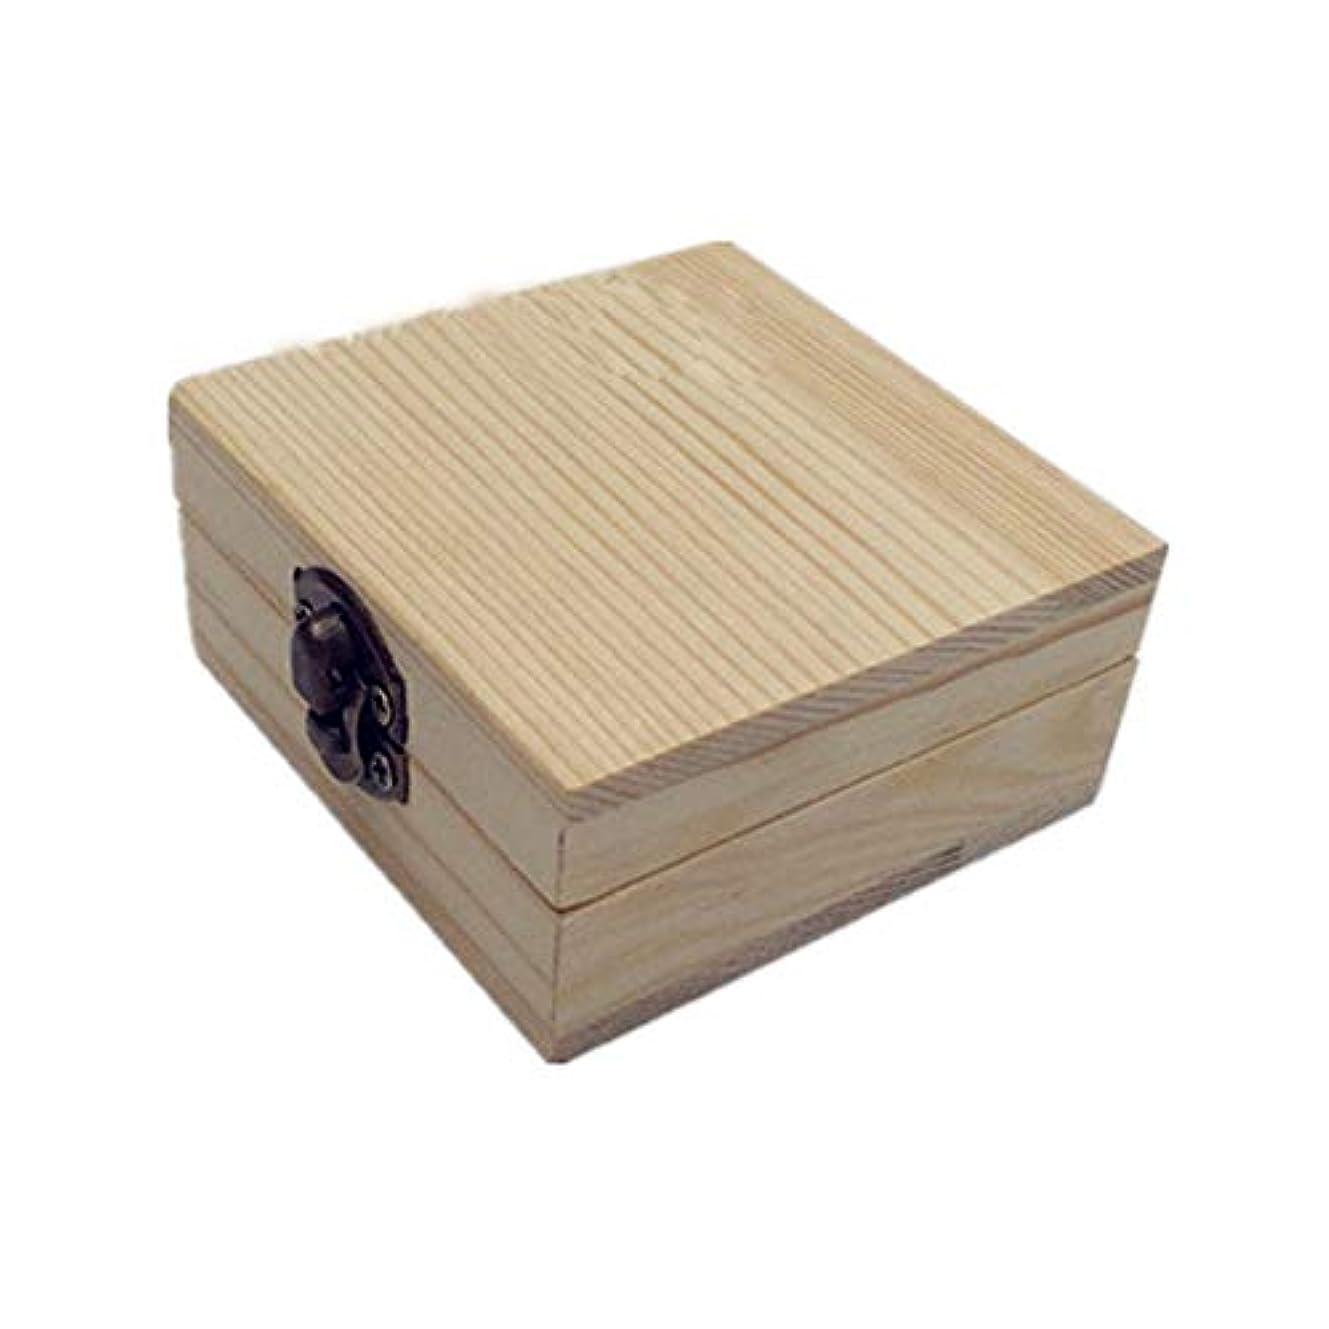 批判する累積地味な精油ケース 木製のエッセンシャルオイルボックスパーフェクトエッセンシャルオイルケースはエッセンシャル2本のボトル用保持します 携帯便利 (色 : Natural, サイズ : 7X7X3.5CM)